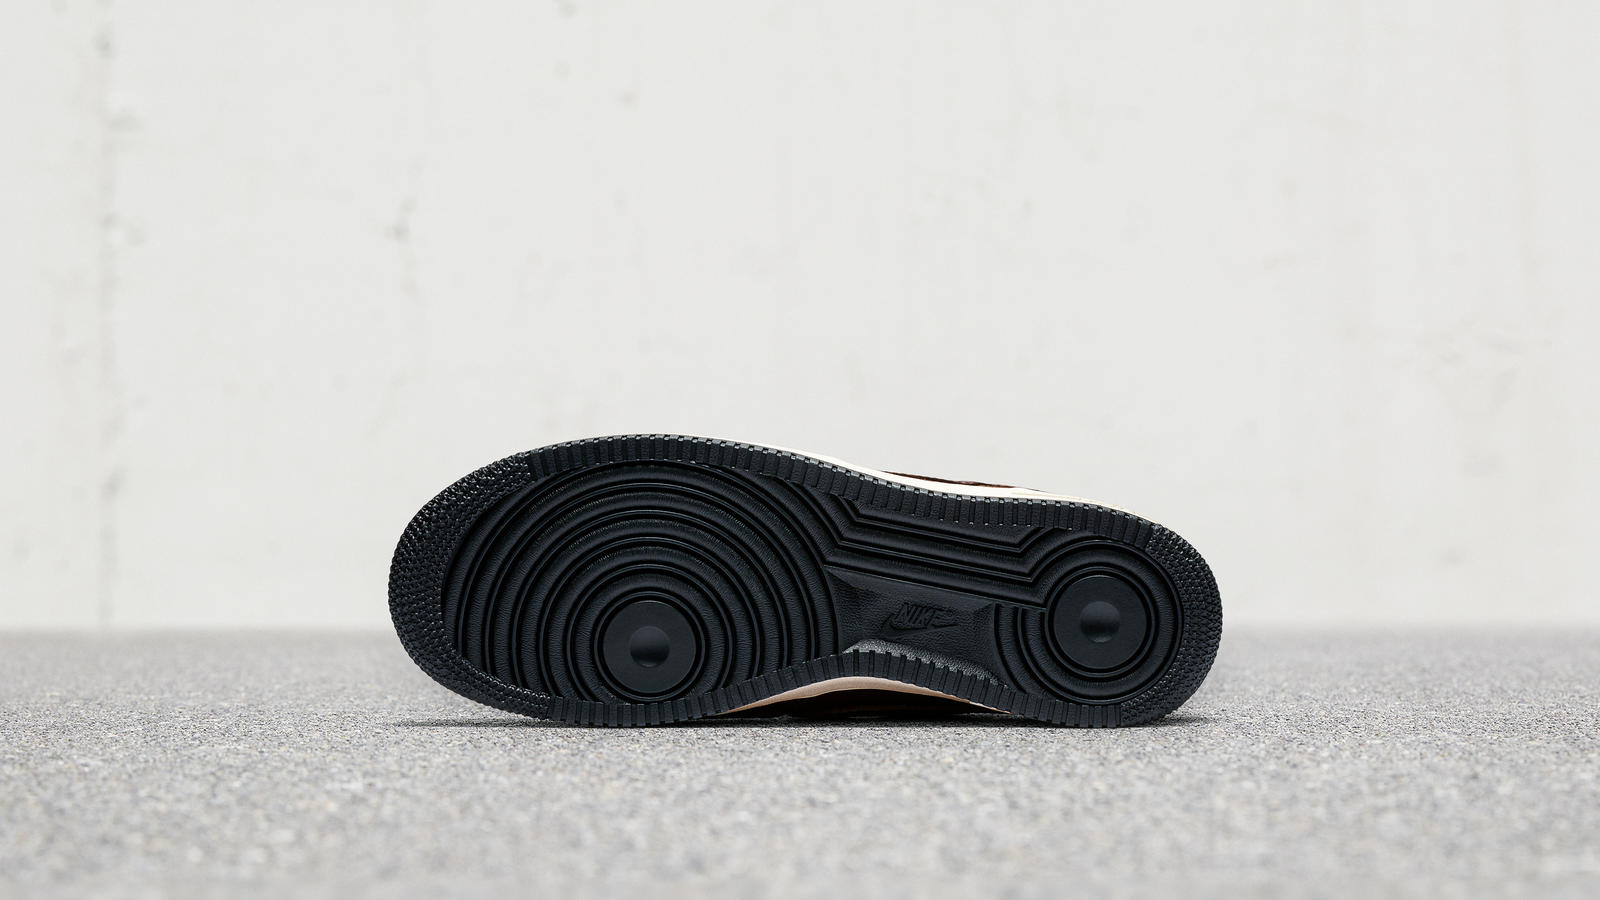 Nike Super Se Ha Convertido Dos Super Nike Bowl Li Juego Bolas En Zapatillas Pats Púlpito d9d0ec